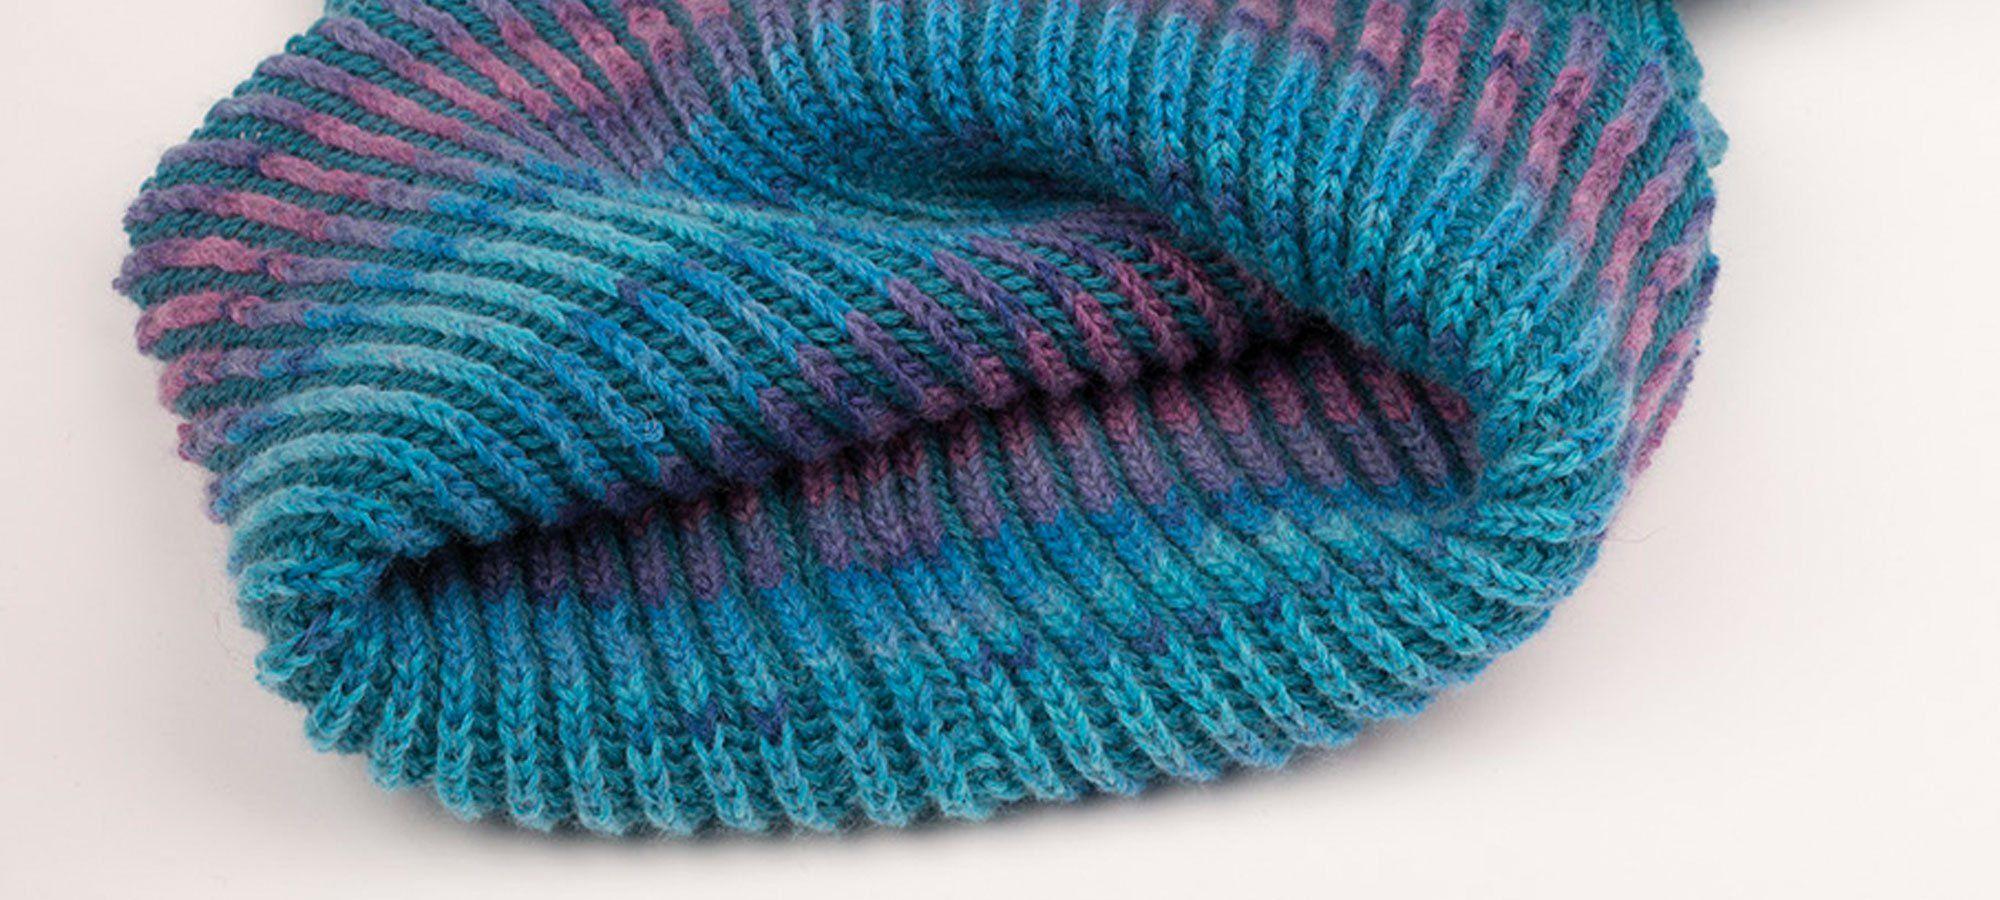 Strickanleitung Loop aus Sockenwolle #strickenundhäkeln